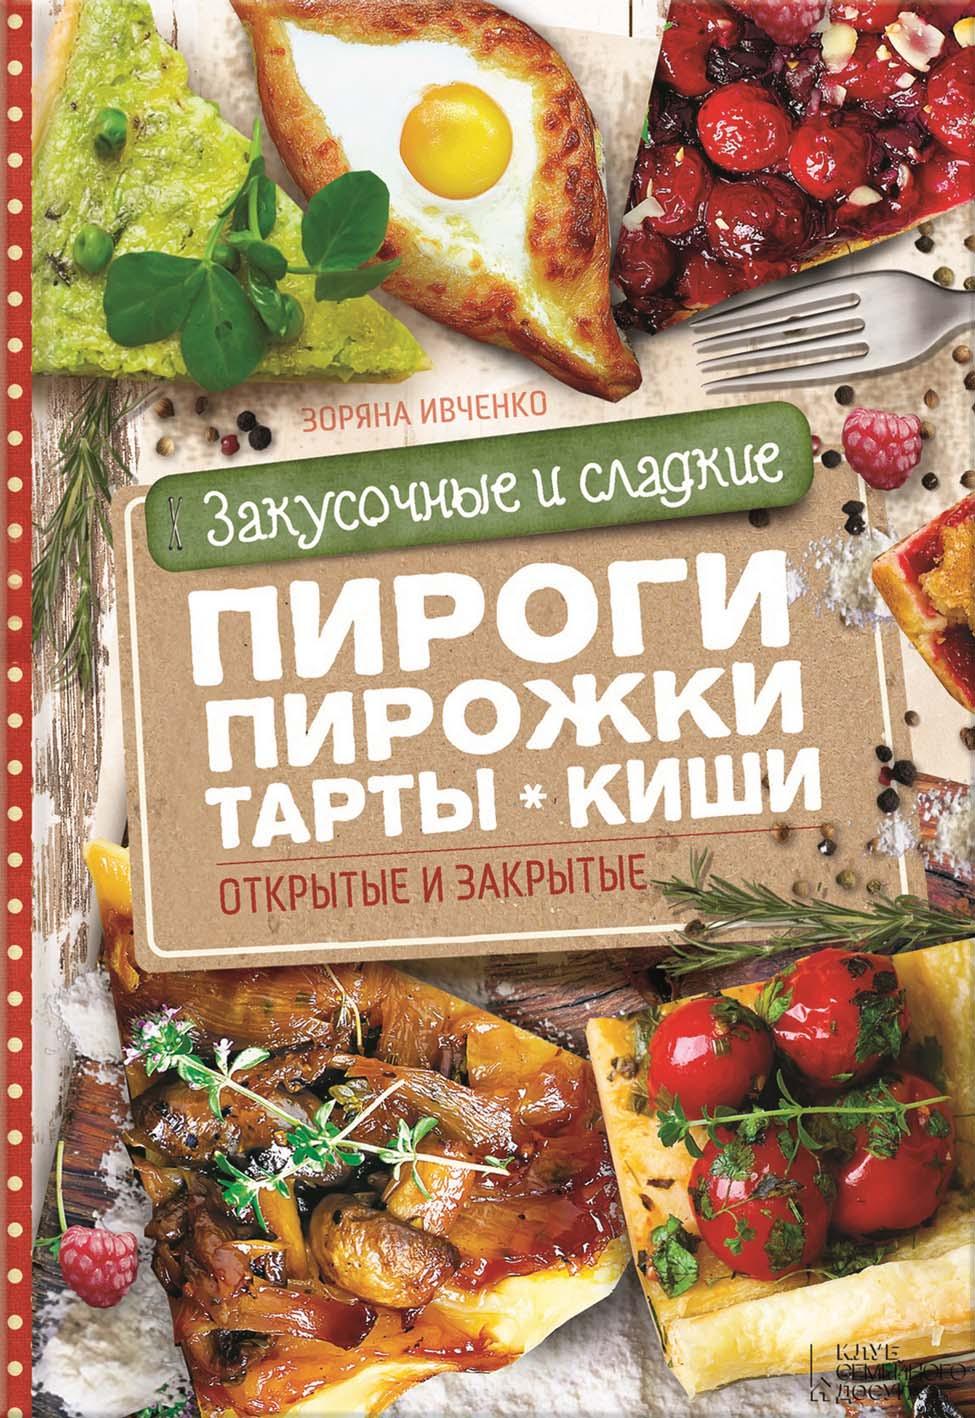 Зоряна Ивченко Закусочные и сладкие пироги, пирожки, тарты, киши. Открытые и закрытые ивченко з воздушные блинчики оладьи вафли с мясом творогом ягодами шоколадом кремом сладкие и закусочные